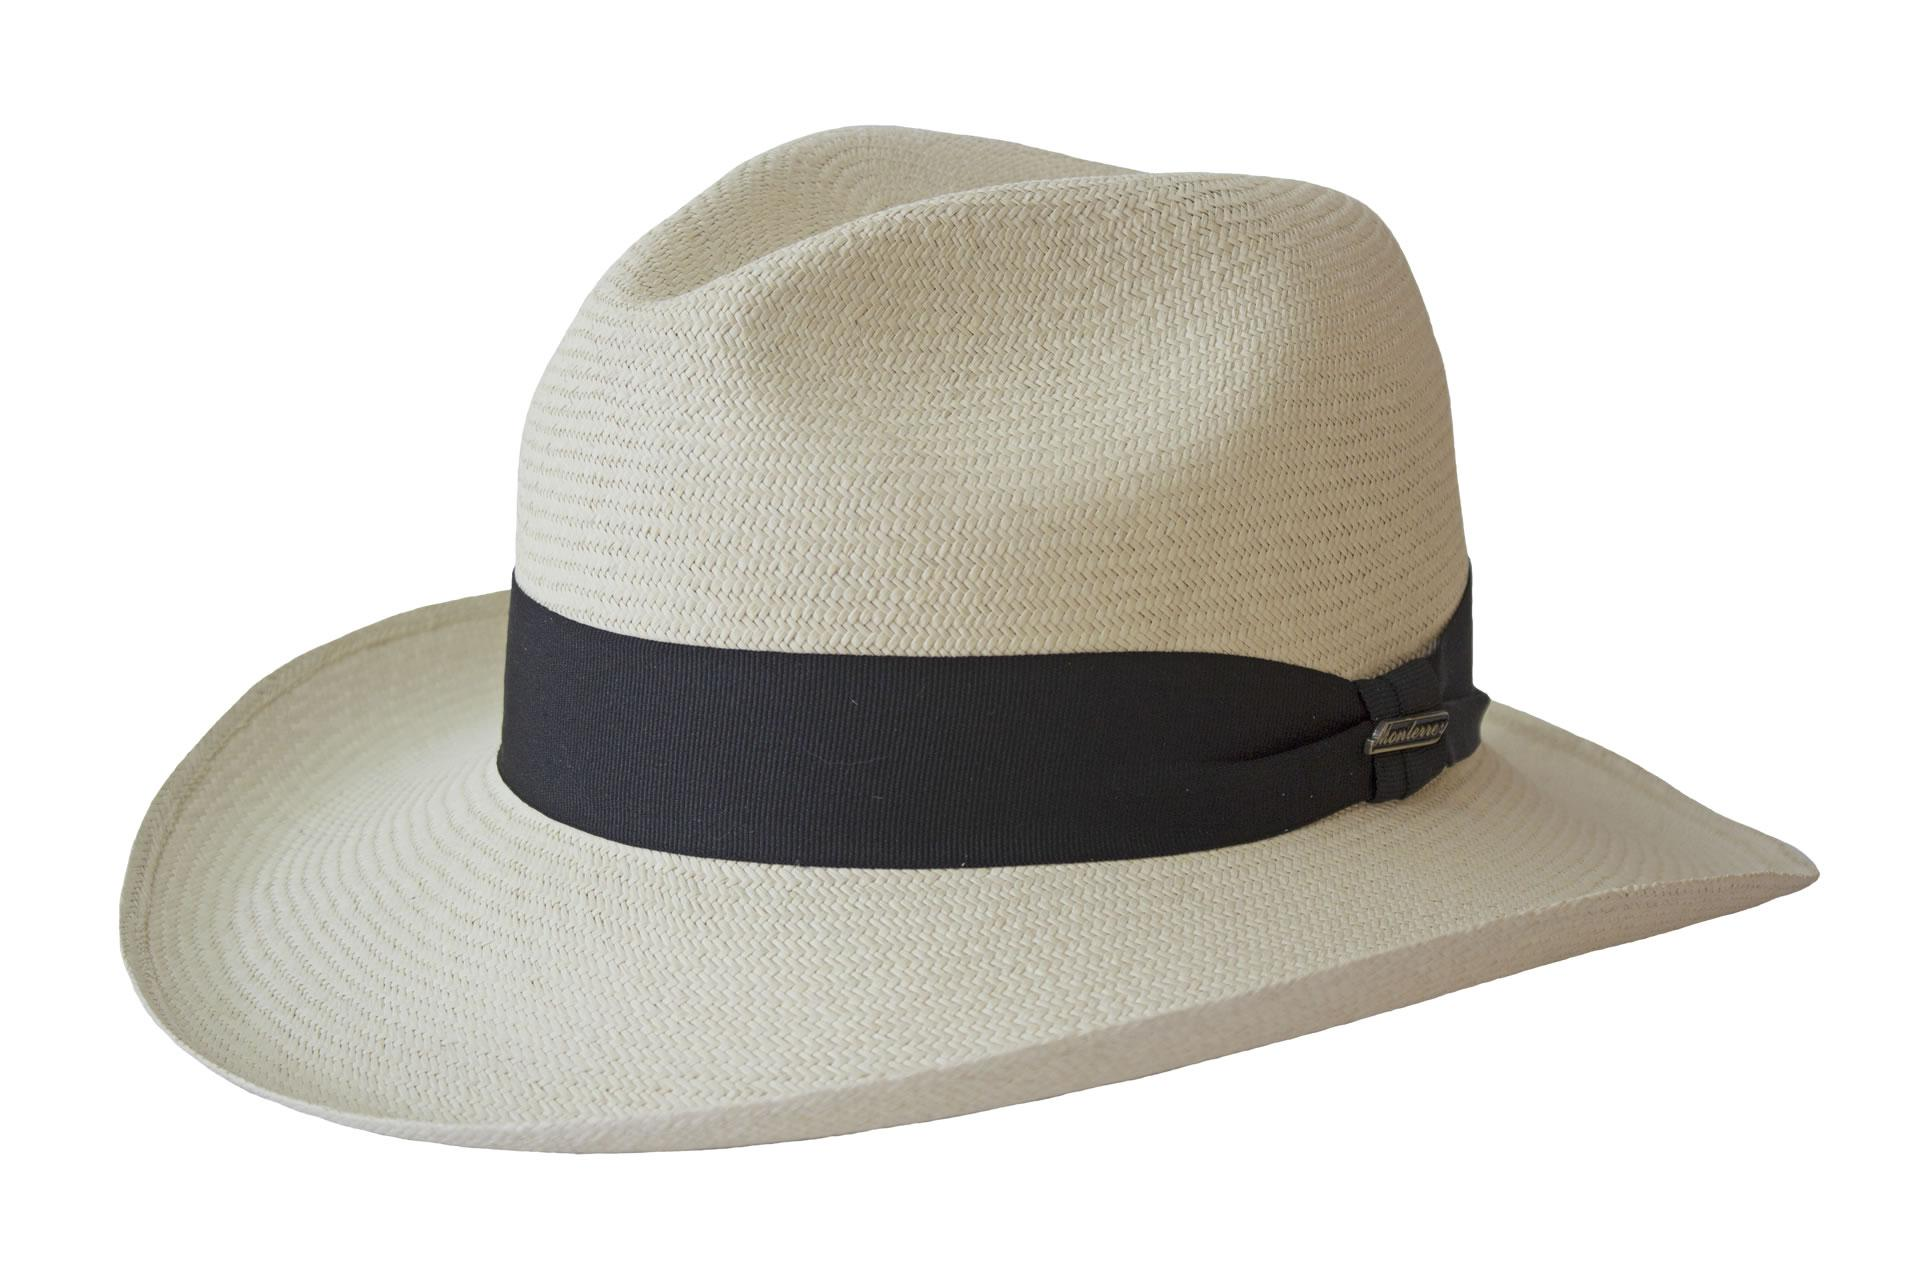 Distribuidora Nacional de Sombreros - Dinalsom 3e4b8ae9d47